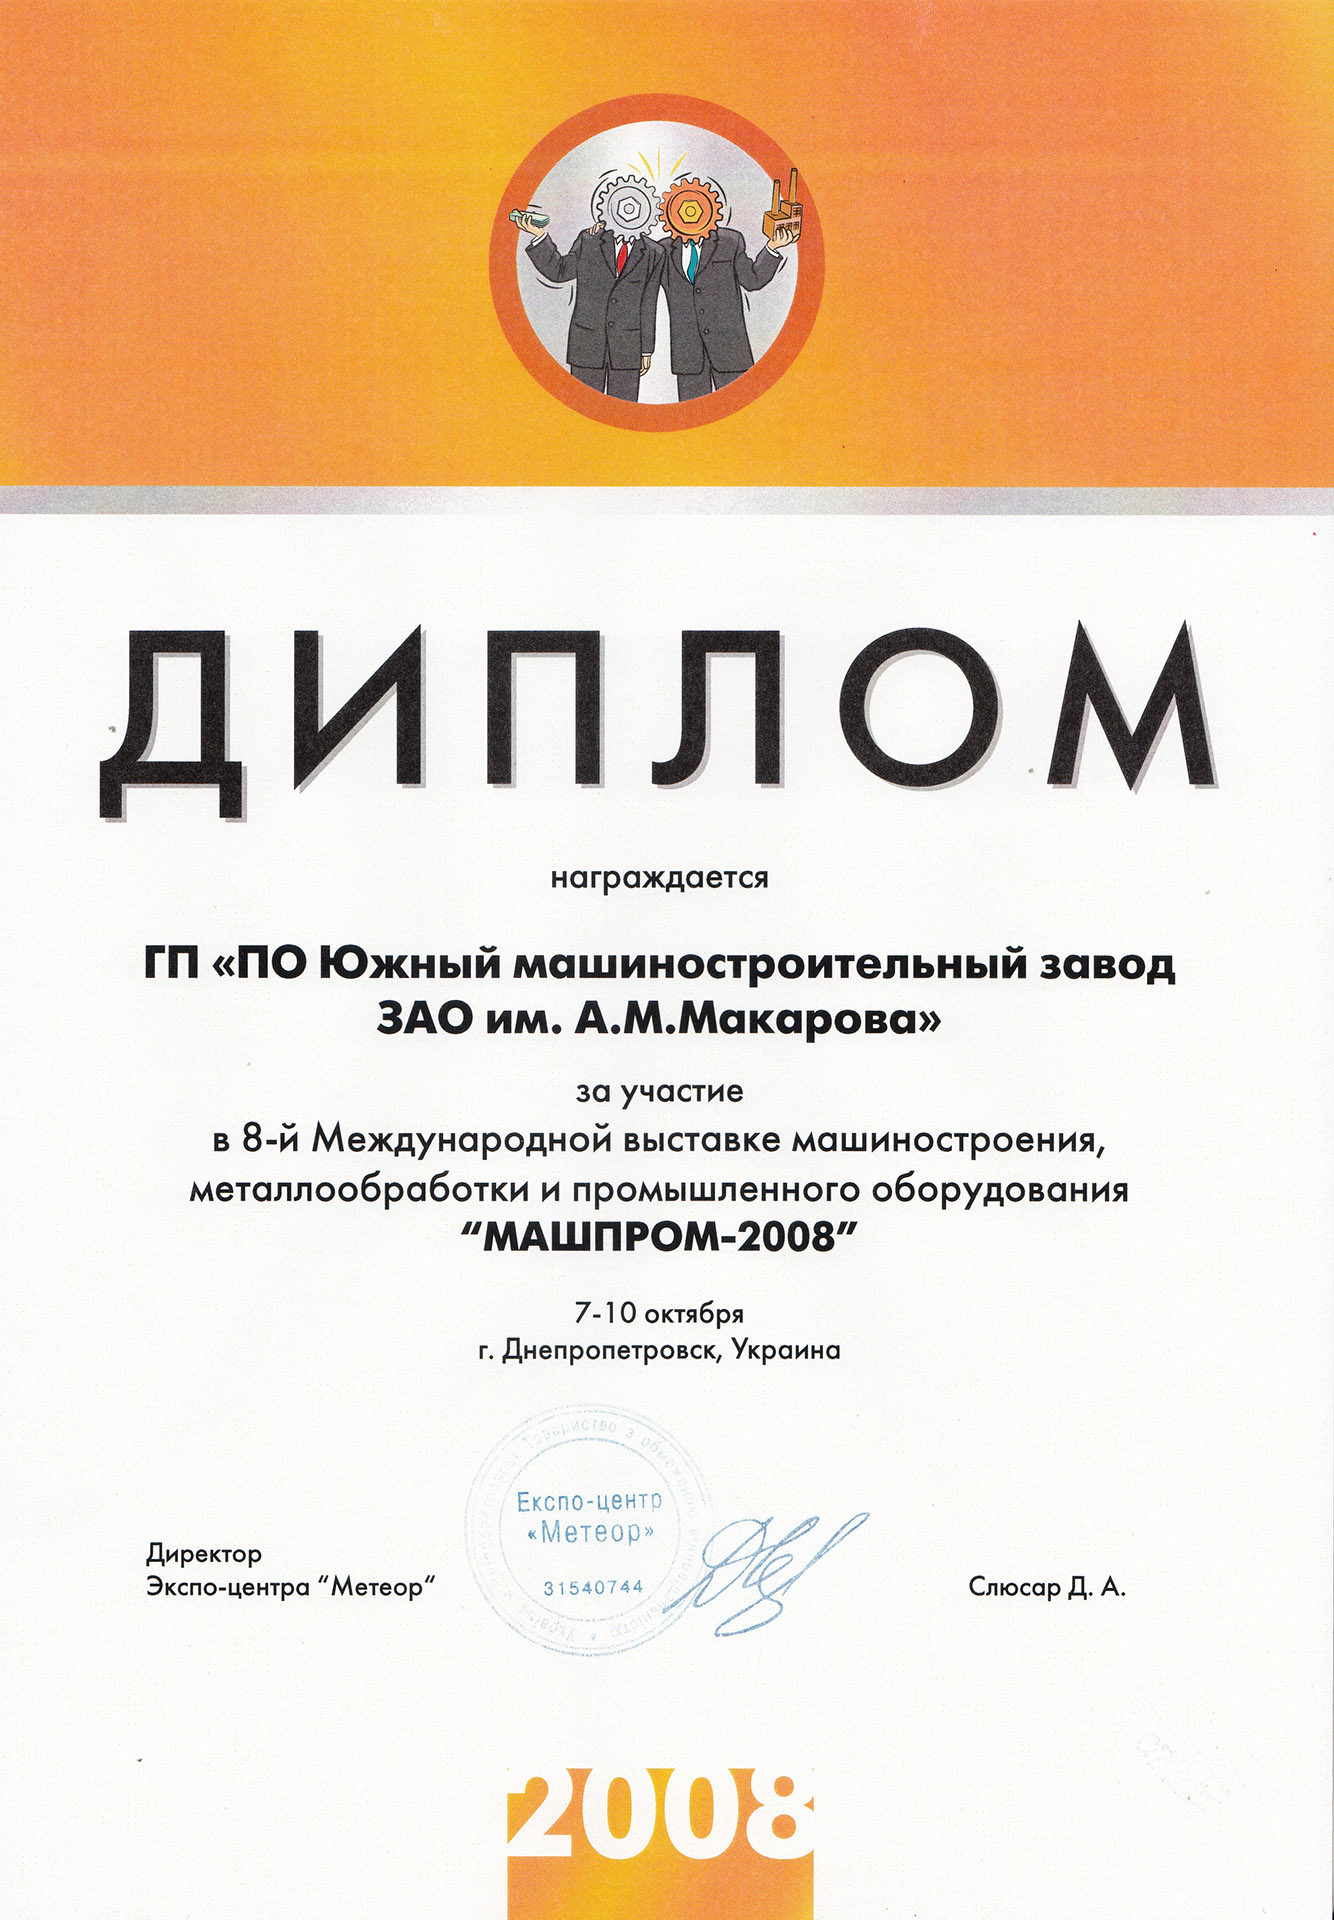 Нагороди та сертифікати